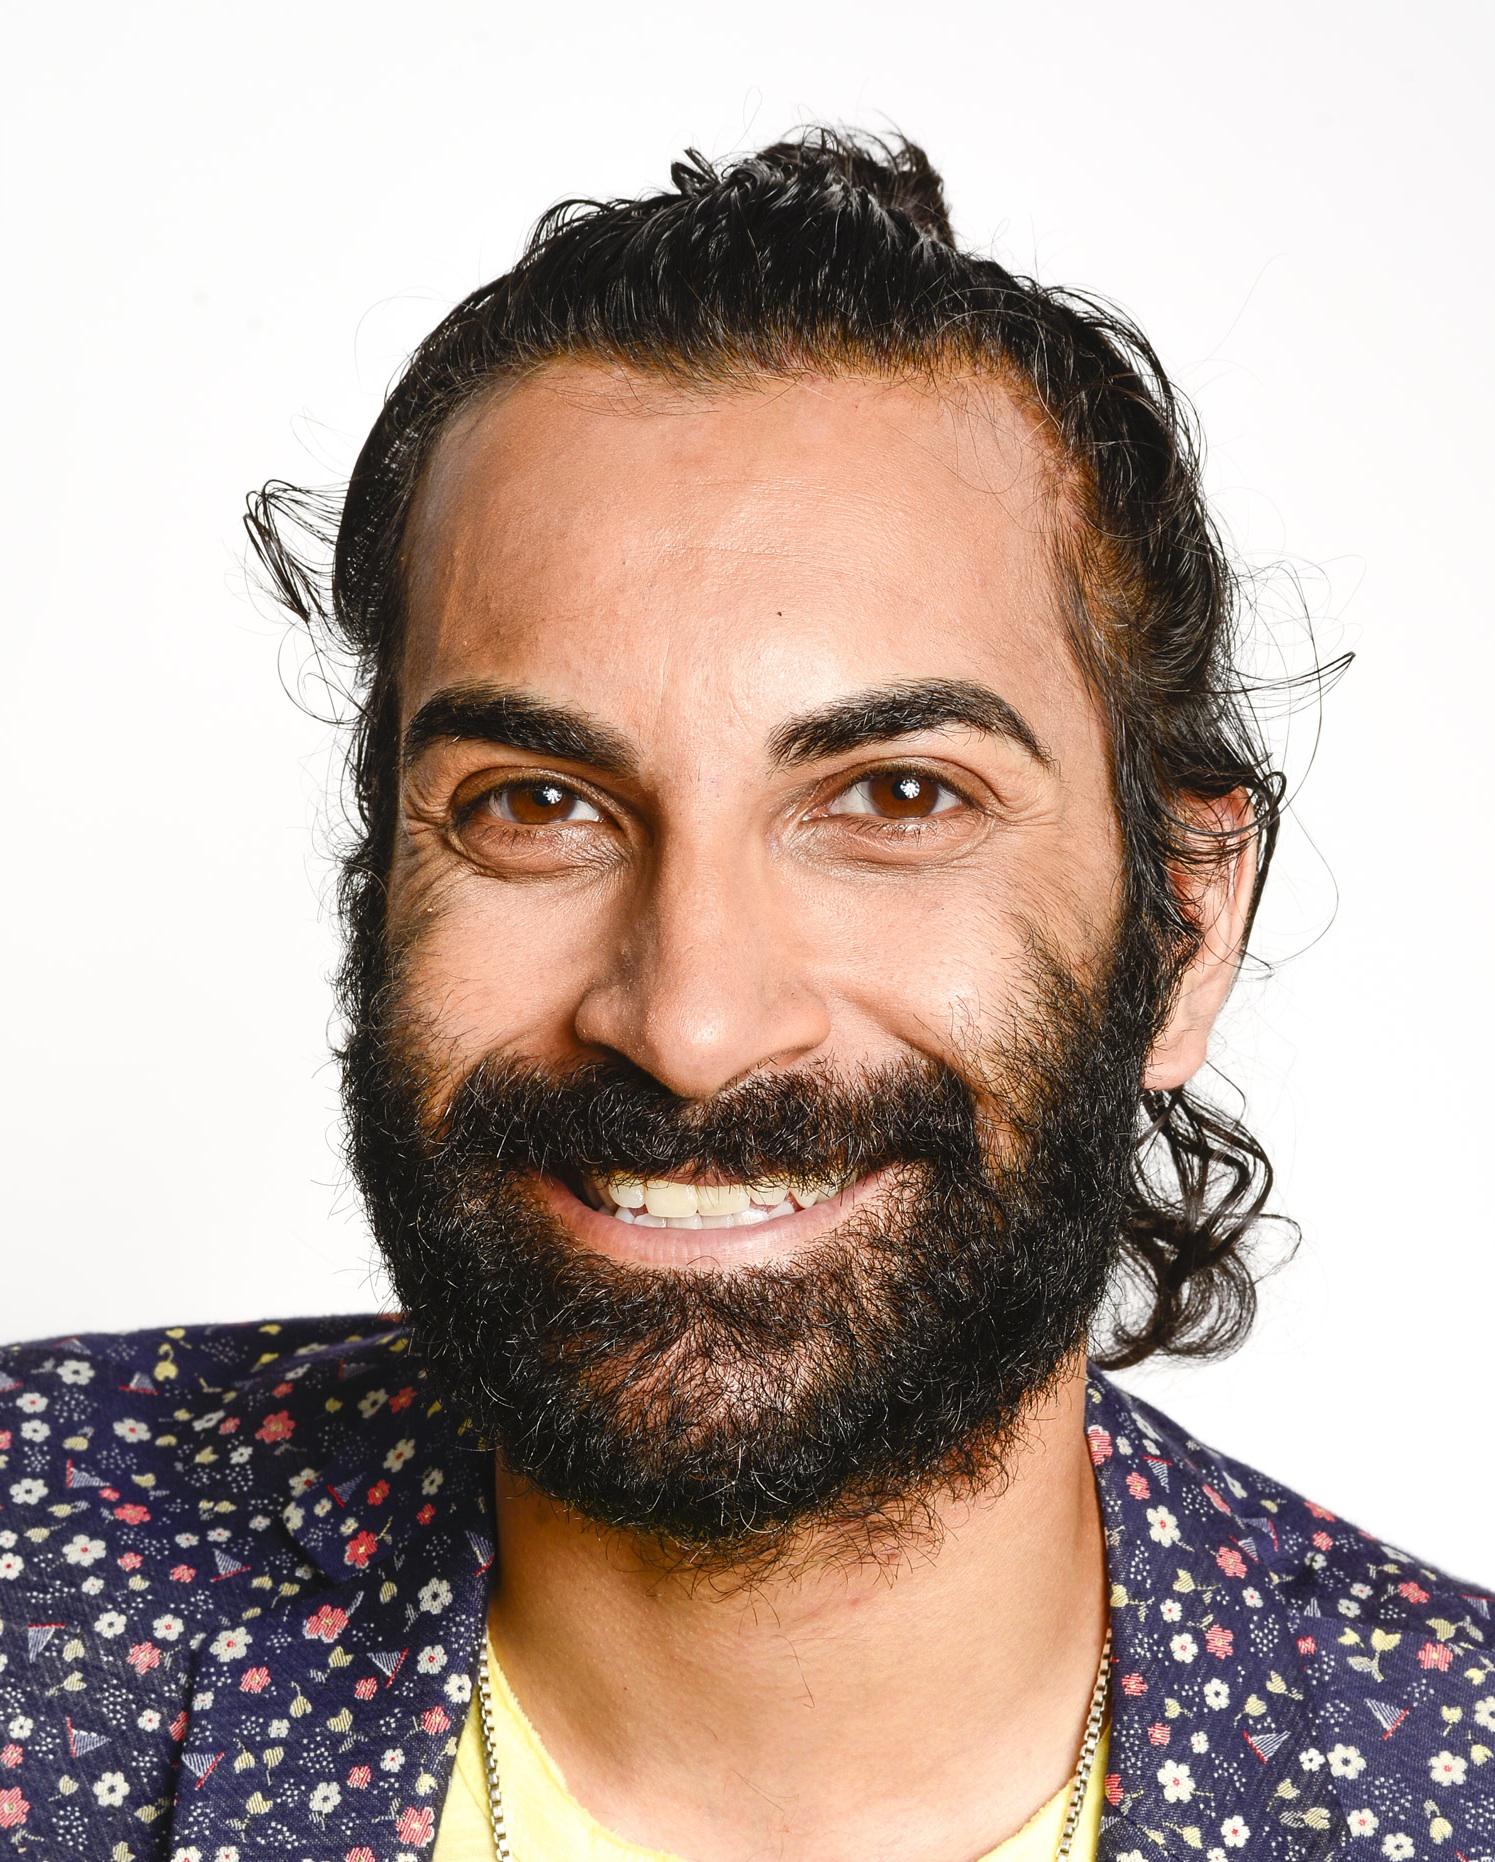 Indy Rishi Singh